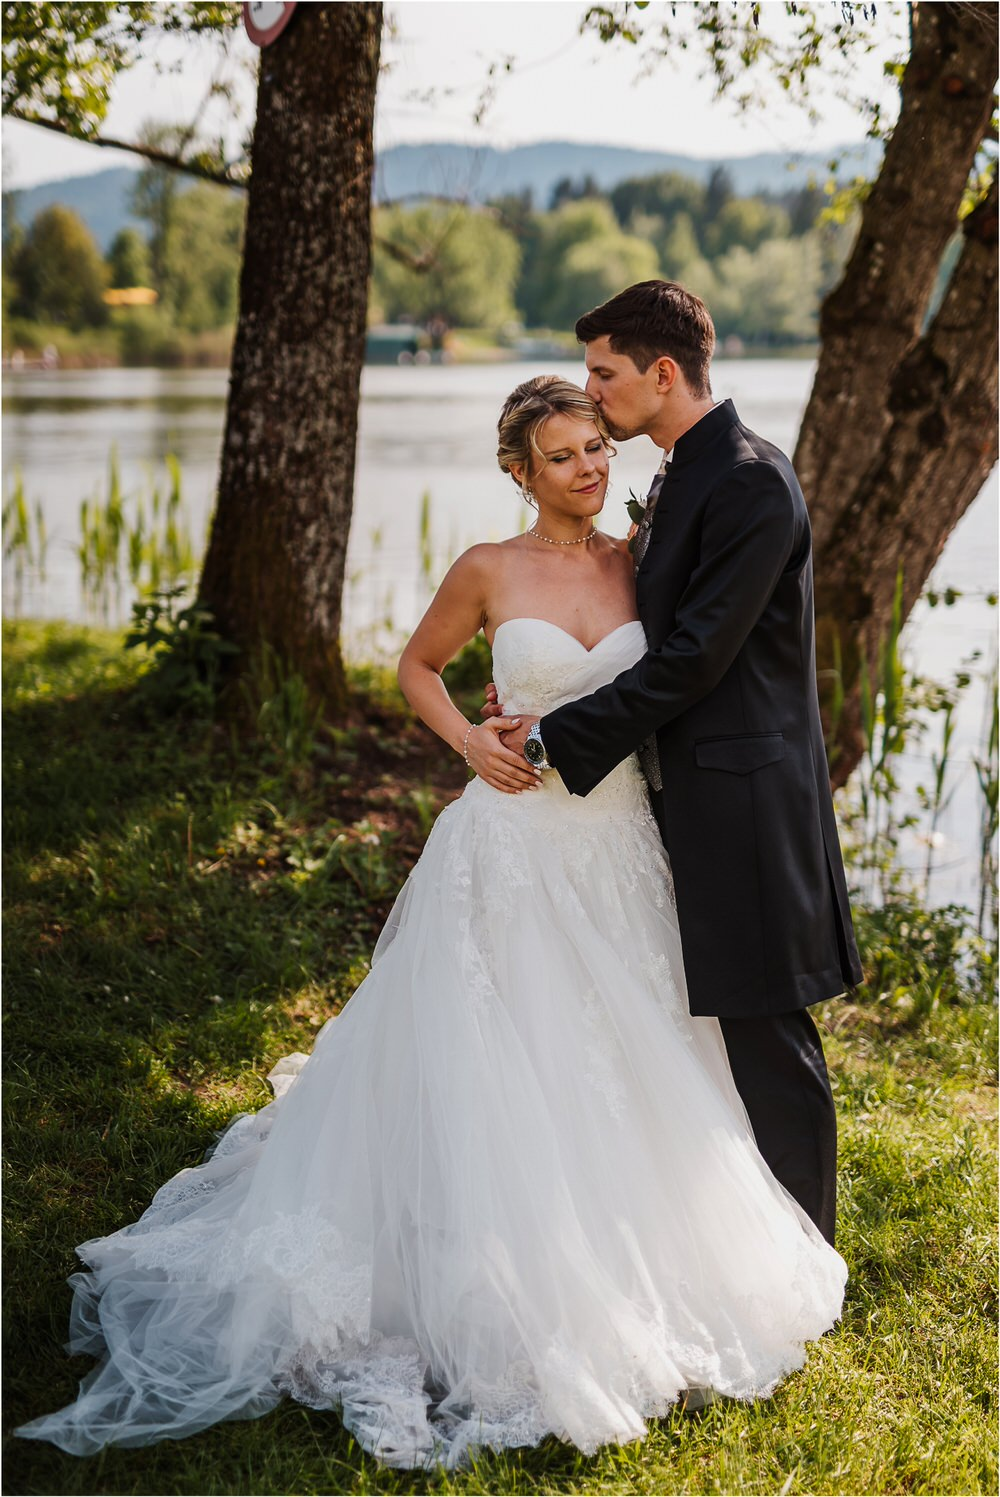 trippelgut kaernten oesterreich hochzeit fotograf phtoographer austria elegant wedding hochzeitsfotograf hochzeitsfotografie 0097.jpg